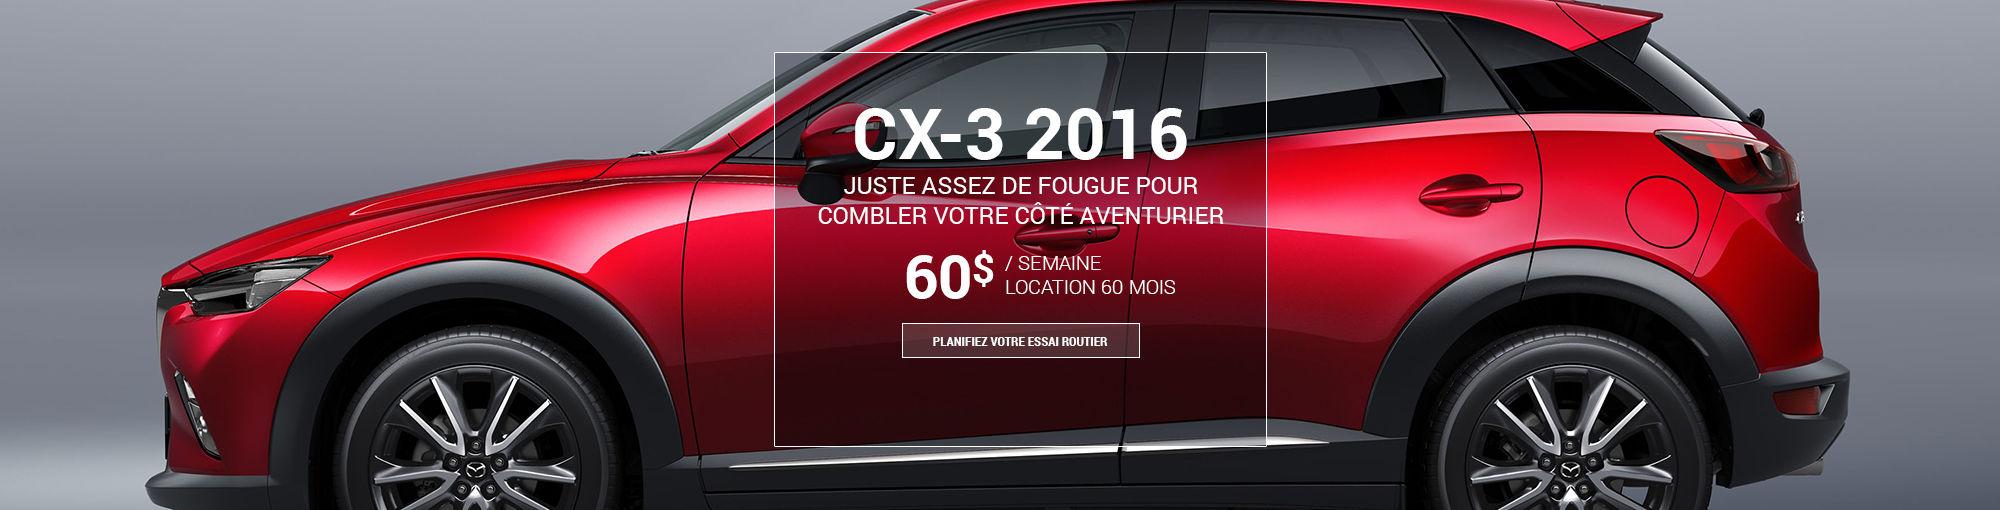 CX3 2016 - julilet 2016